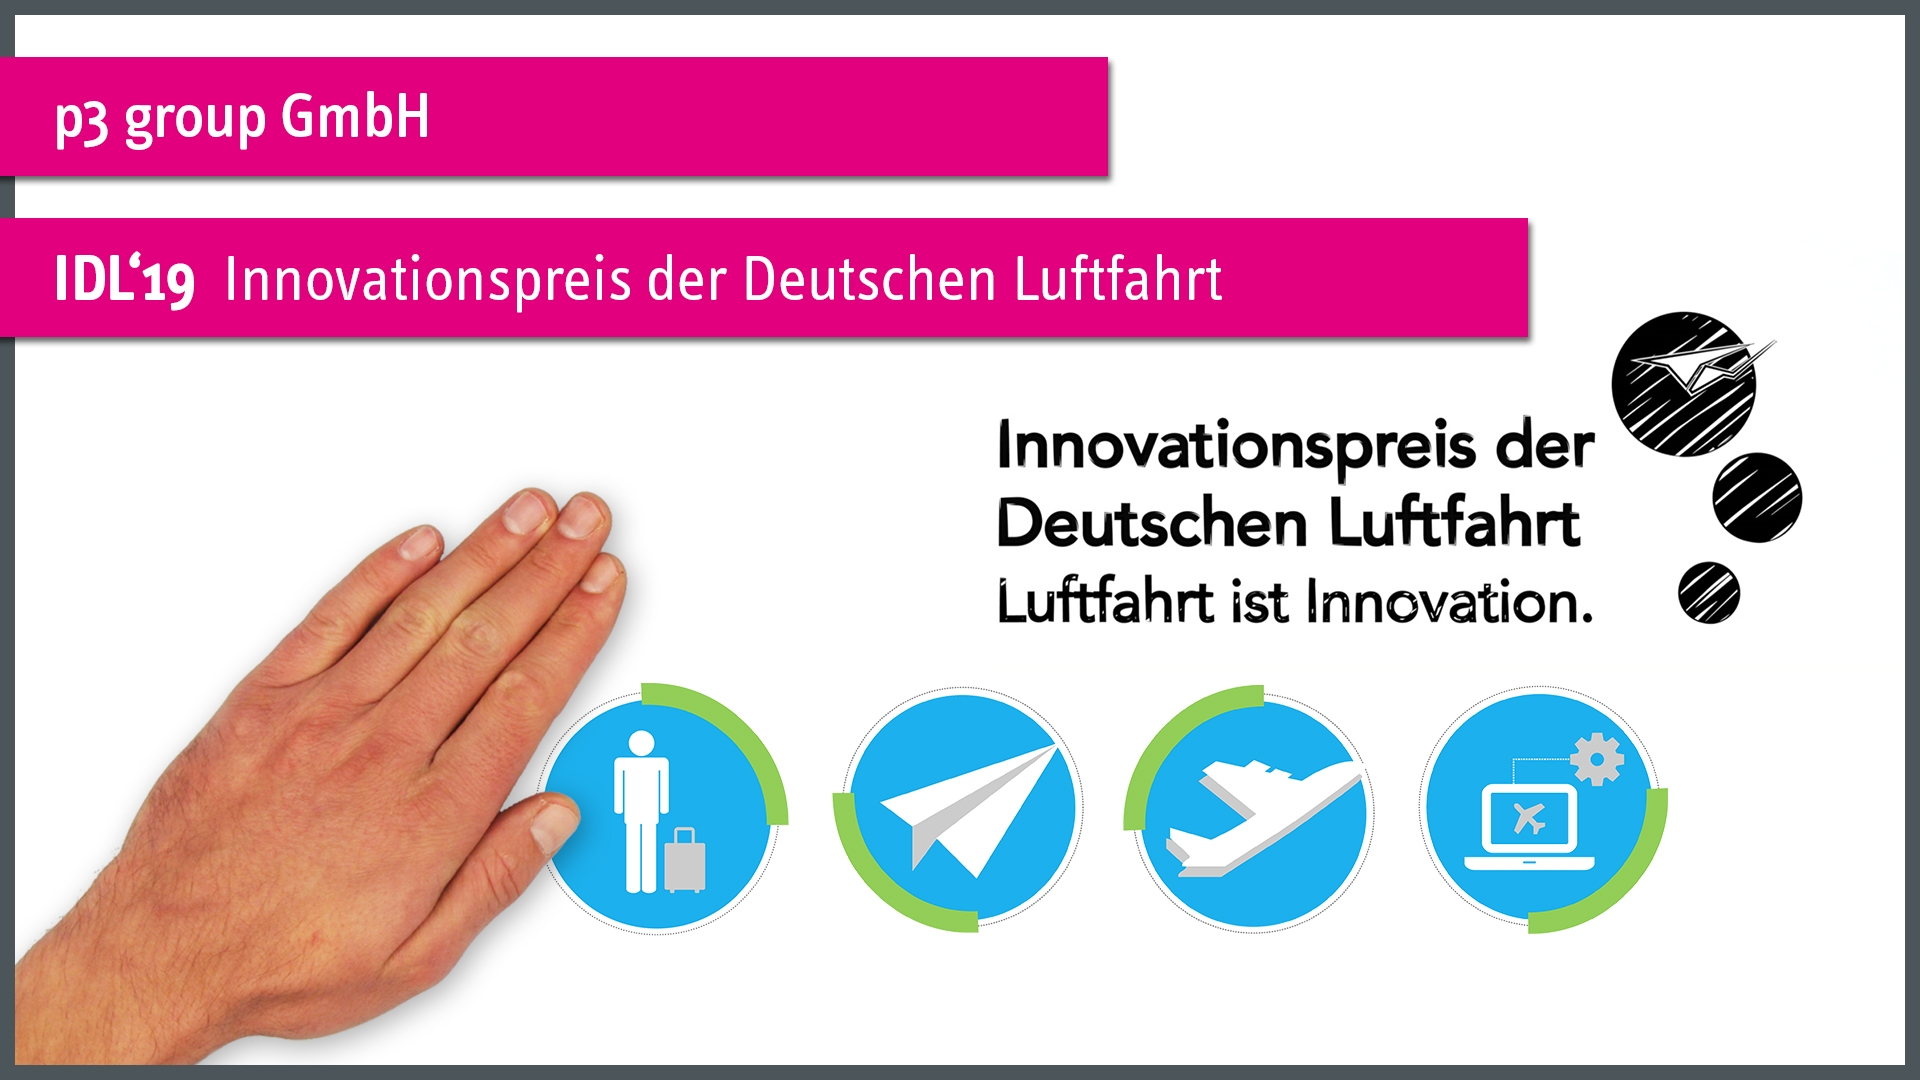 IDL'19 - Innovationspreis der Dt. Luftfahrt